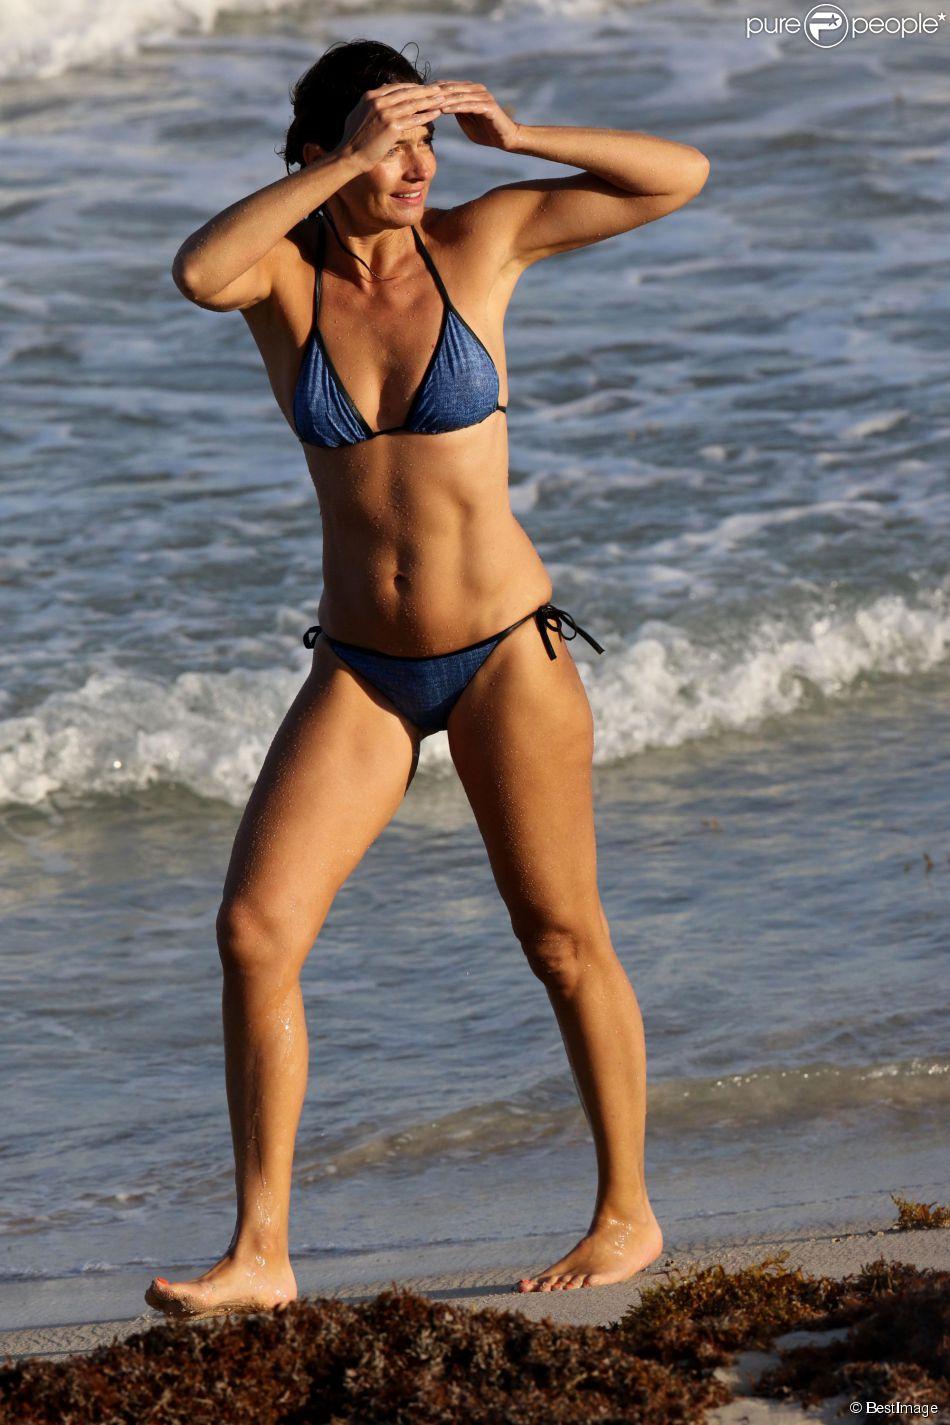 Exclusif - L'ex mannequin Paulina Porizkova en vacances à Saint-Barthélemy est toujours aussi sublime à 50 ans - Le 20 juin 2015.